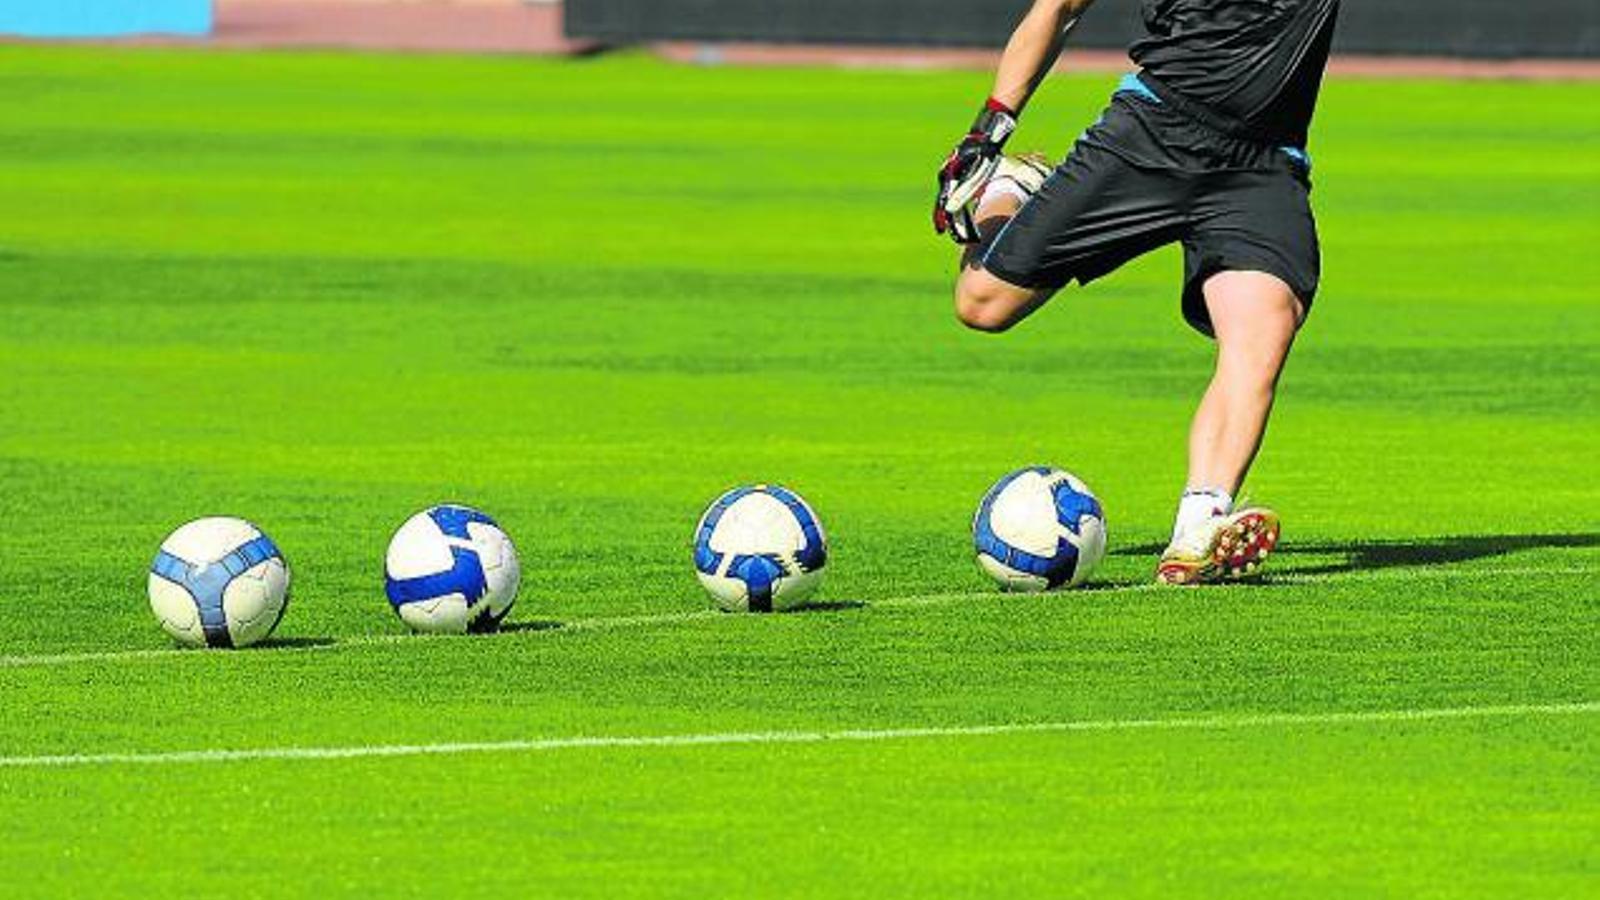 L'augment de temperatura influeix en els xuts de futbol